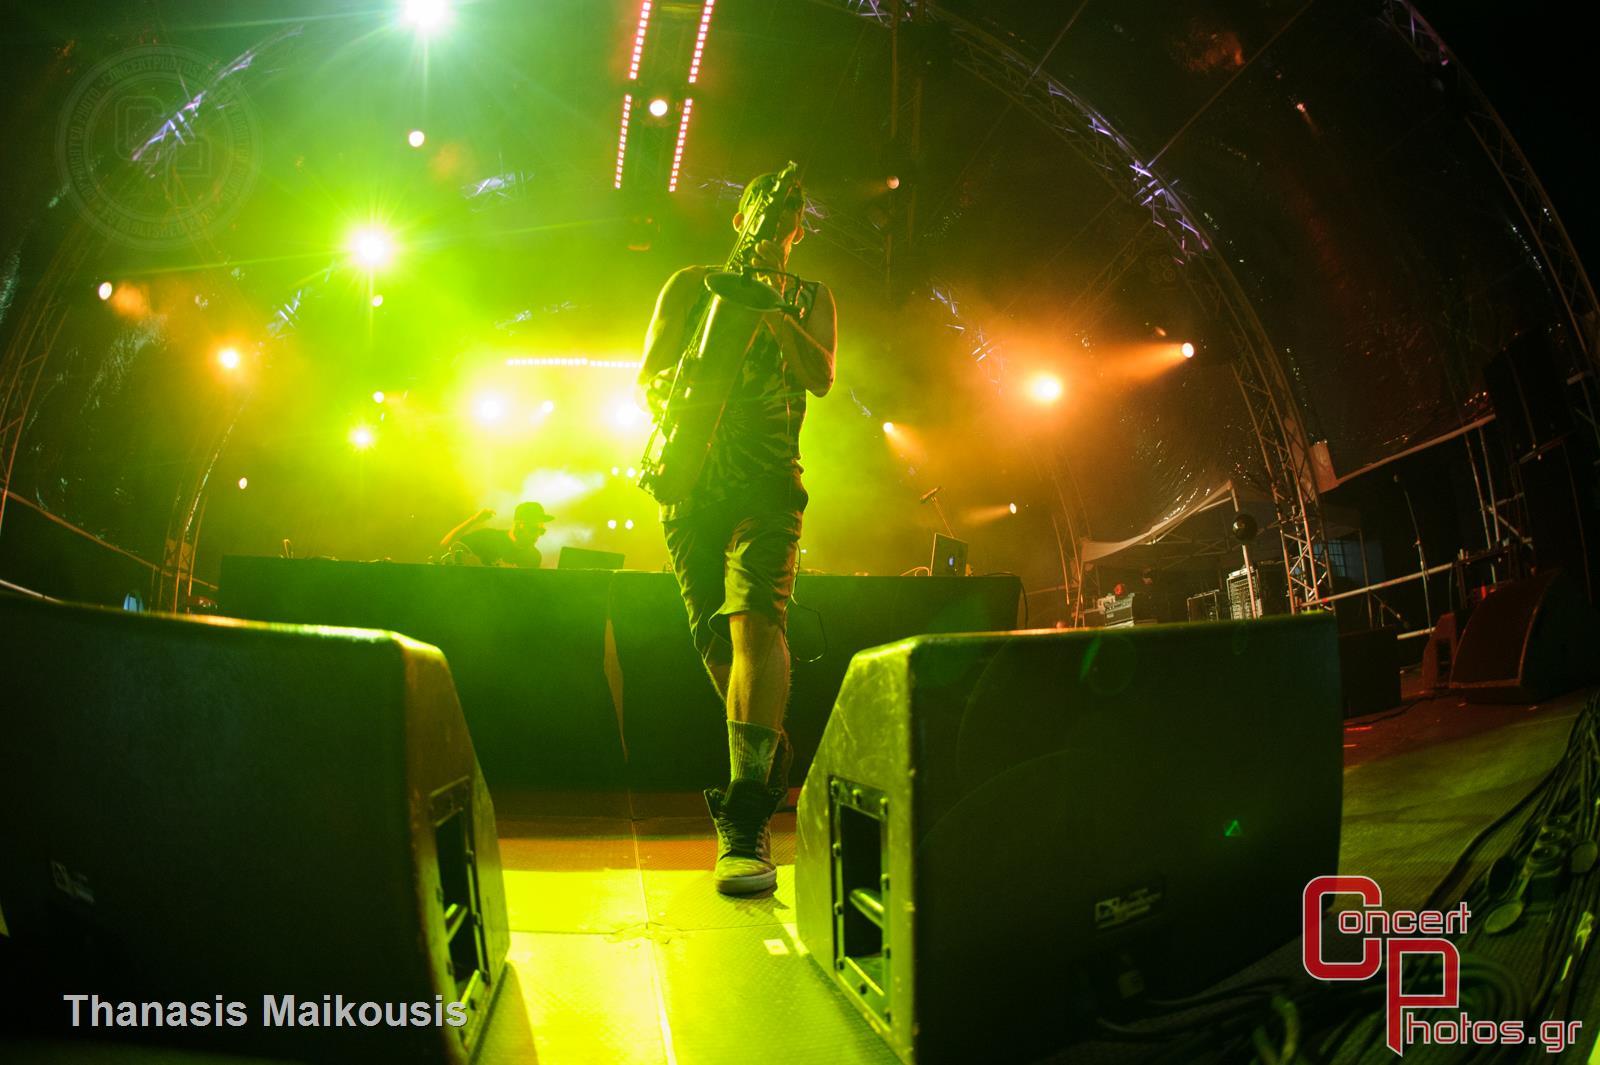 En Lefko 2014-En Lefko 2014 photographer: Thanasis Maikousis - concertphotos_20140621_21_32_13